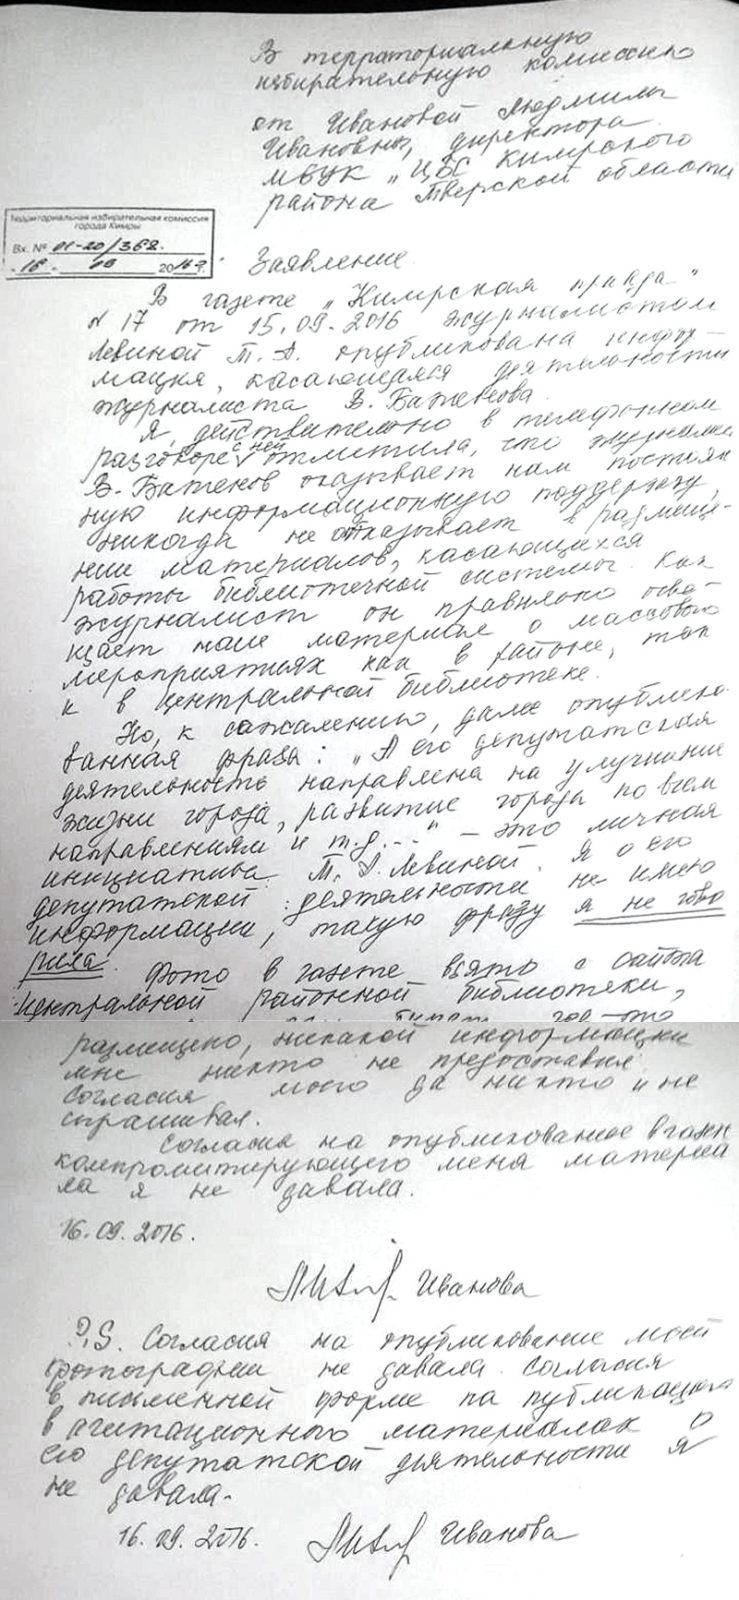 Возмущенная кимрячка написала заявление в избирательную комиссию г.Кимры с требованием наказать нарушителя.